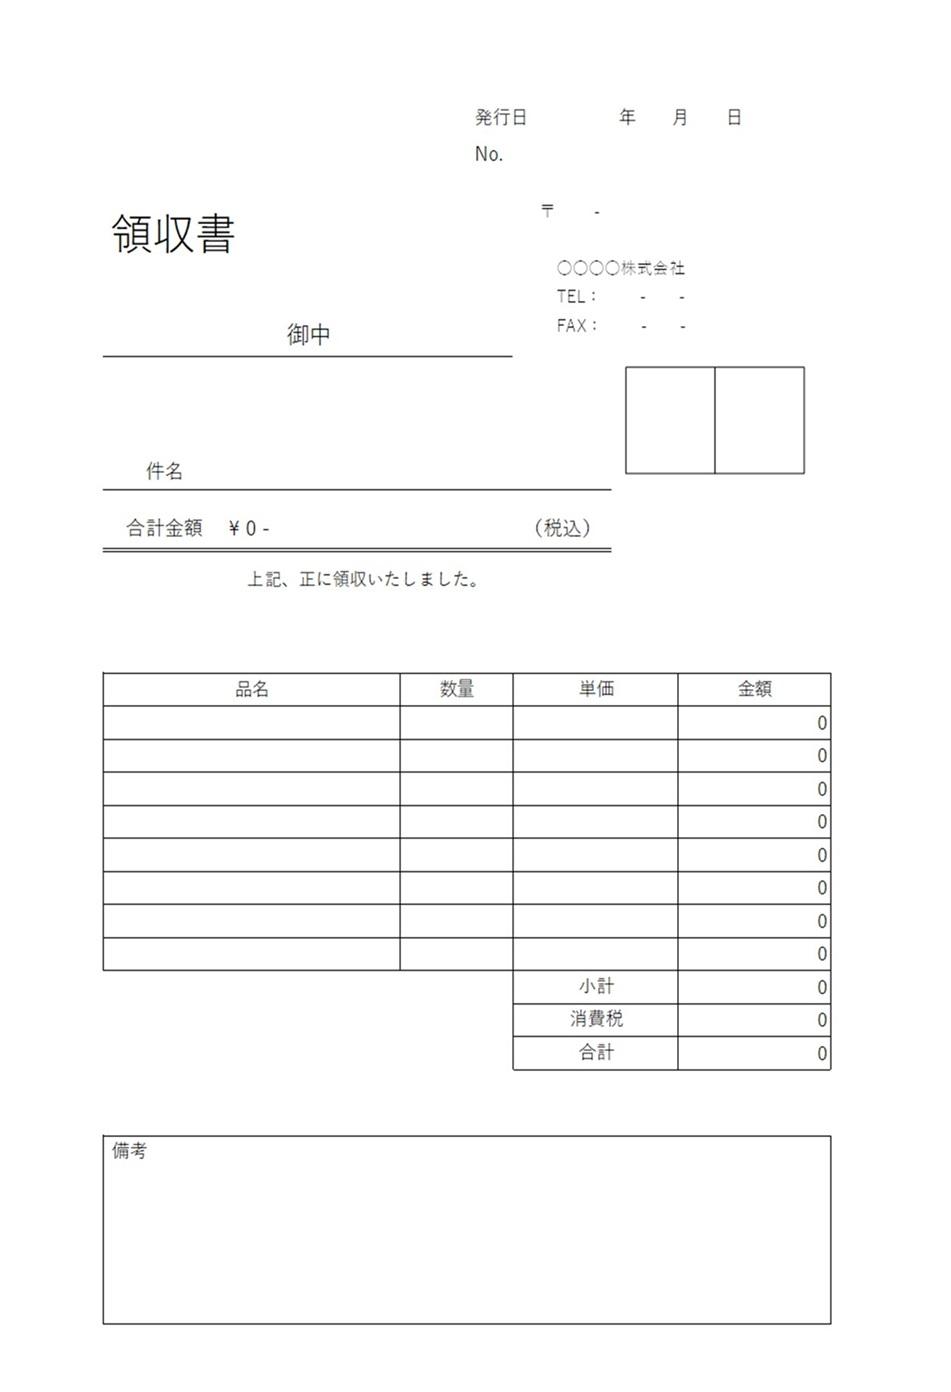 領収書「word・Excel・pdf」の印鑑・捺印欄あり